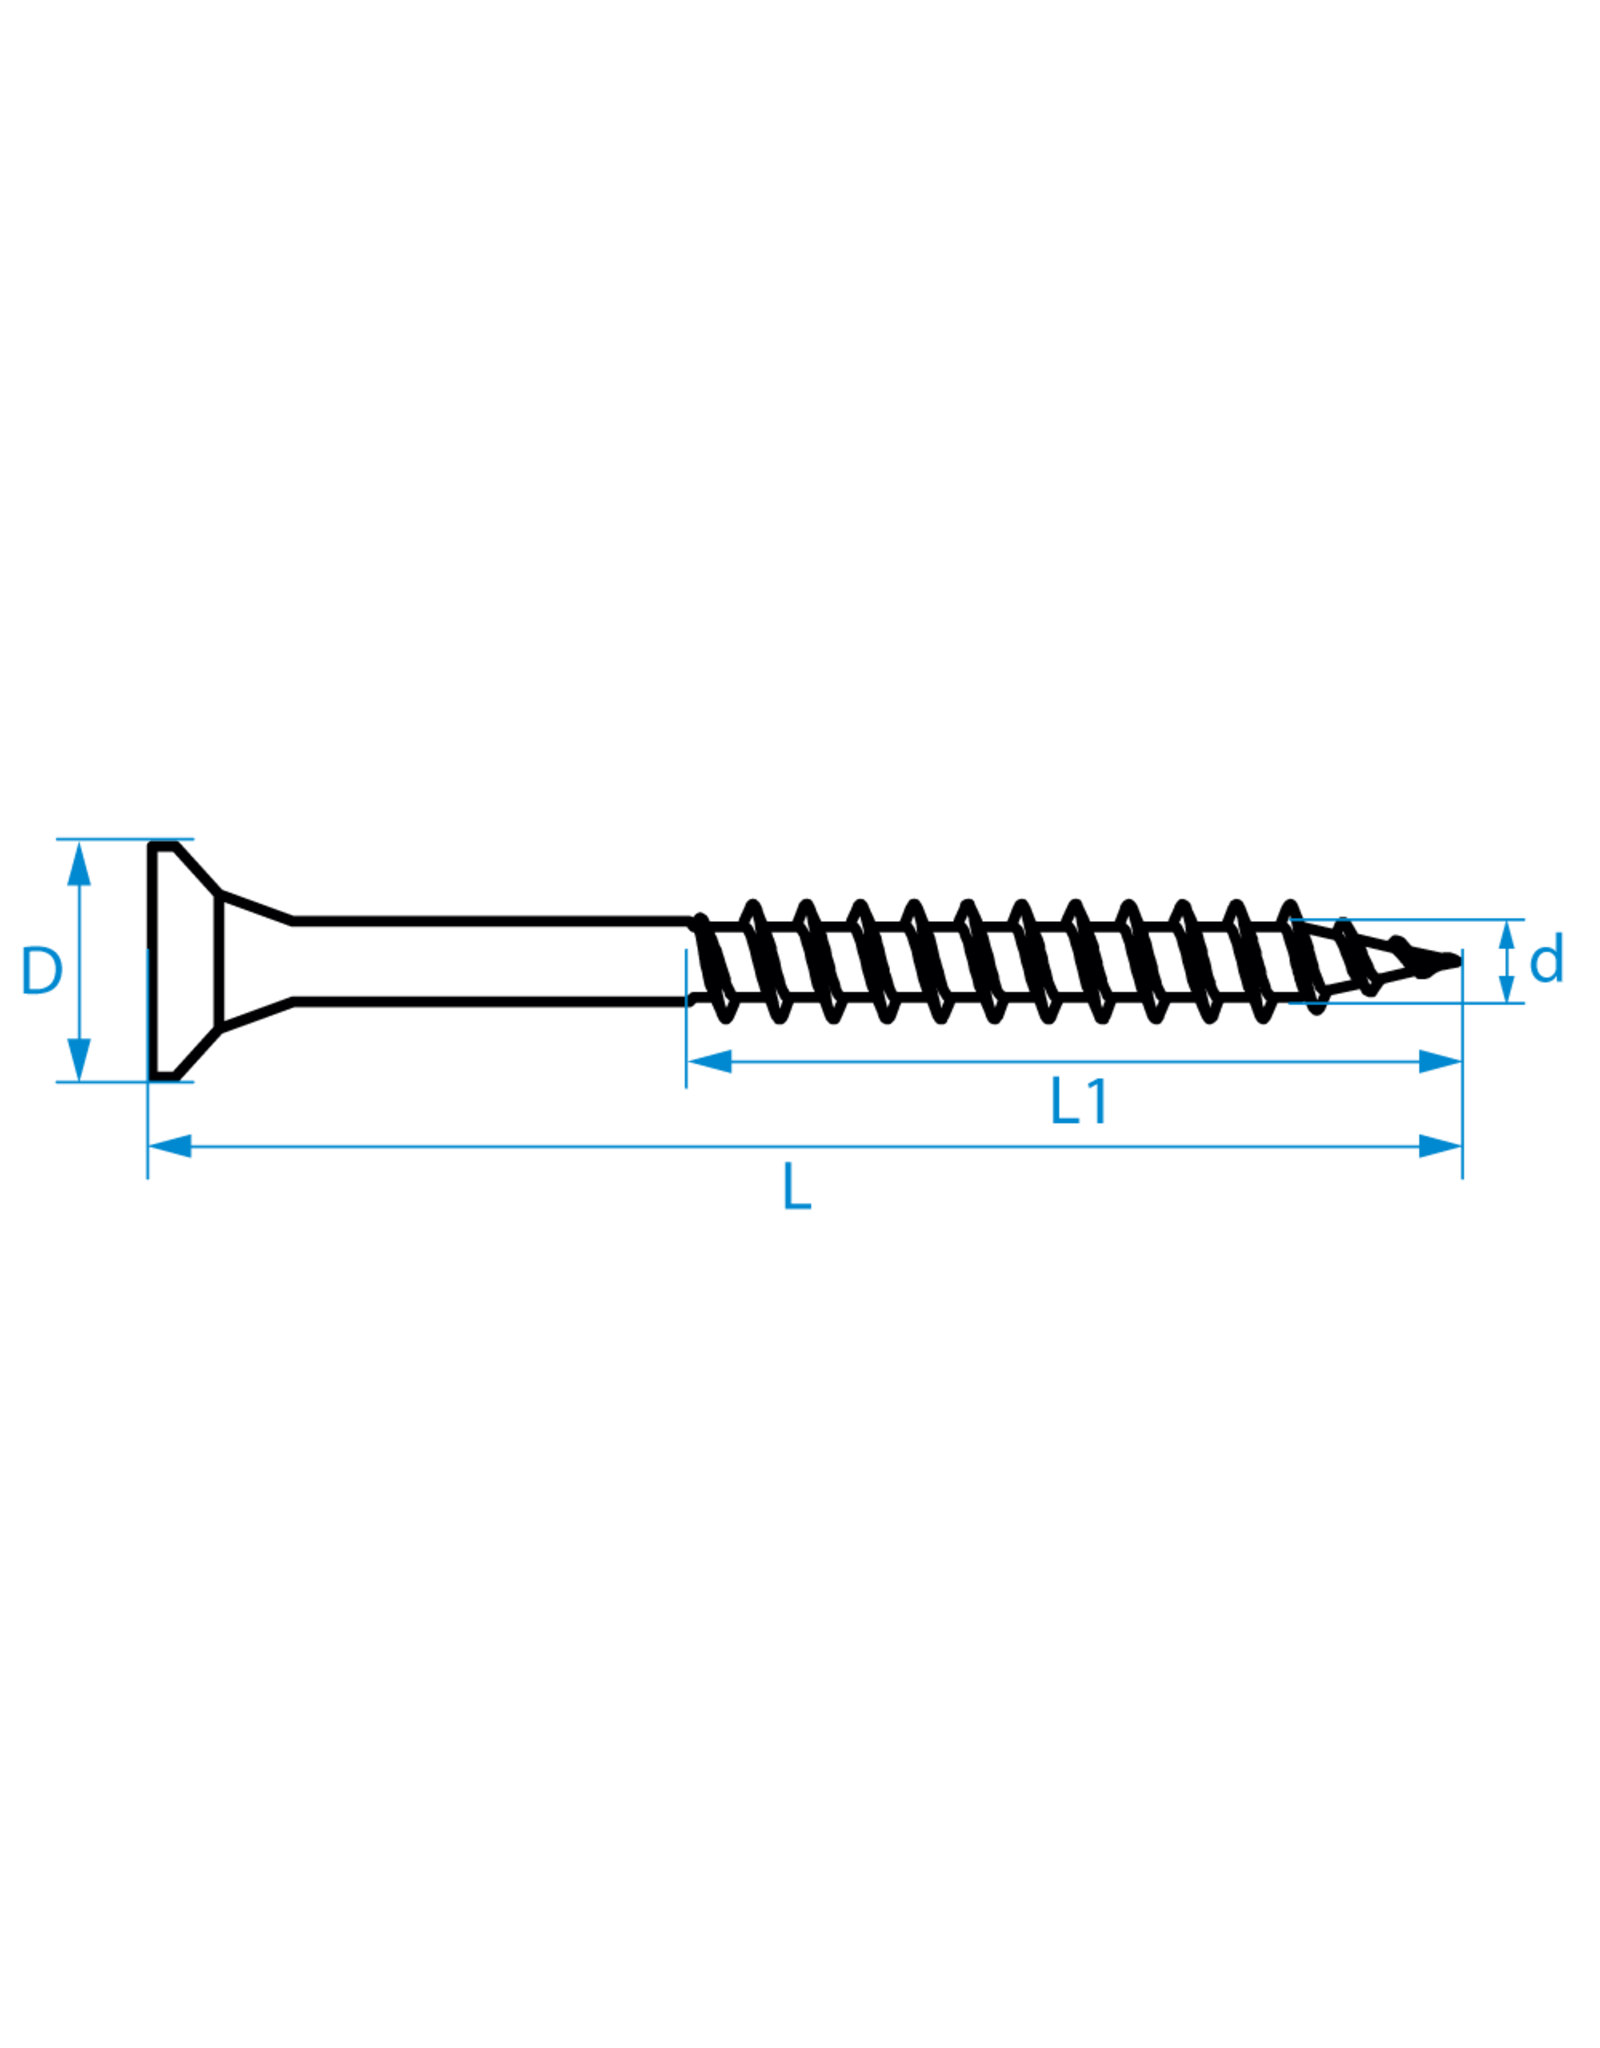 Spaanplaatschroeven platkop deeldraad 4.5x40/24 TX-20 staal gehard verzinkt per 200 stuks